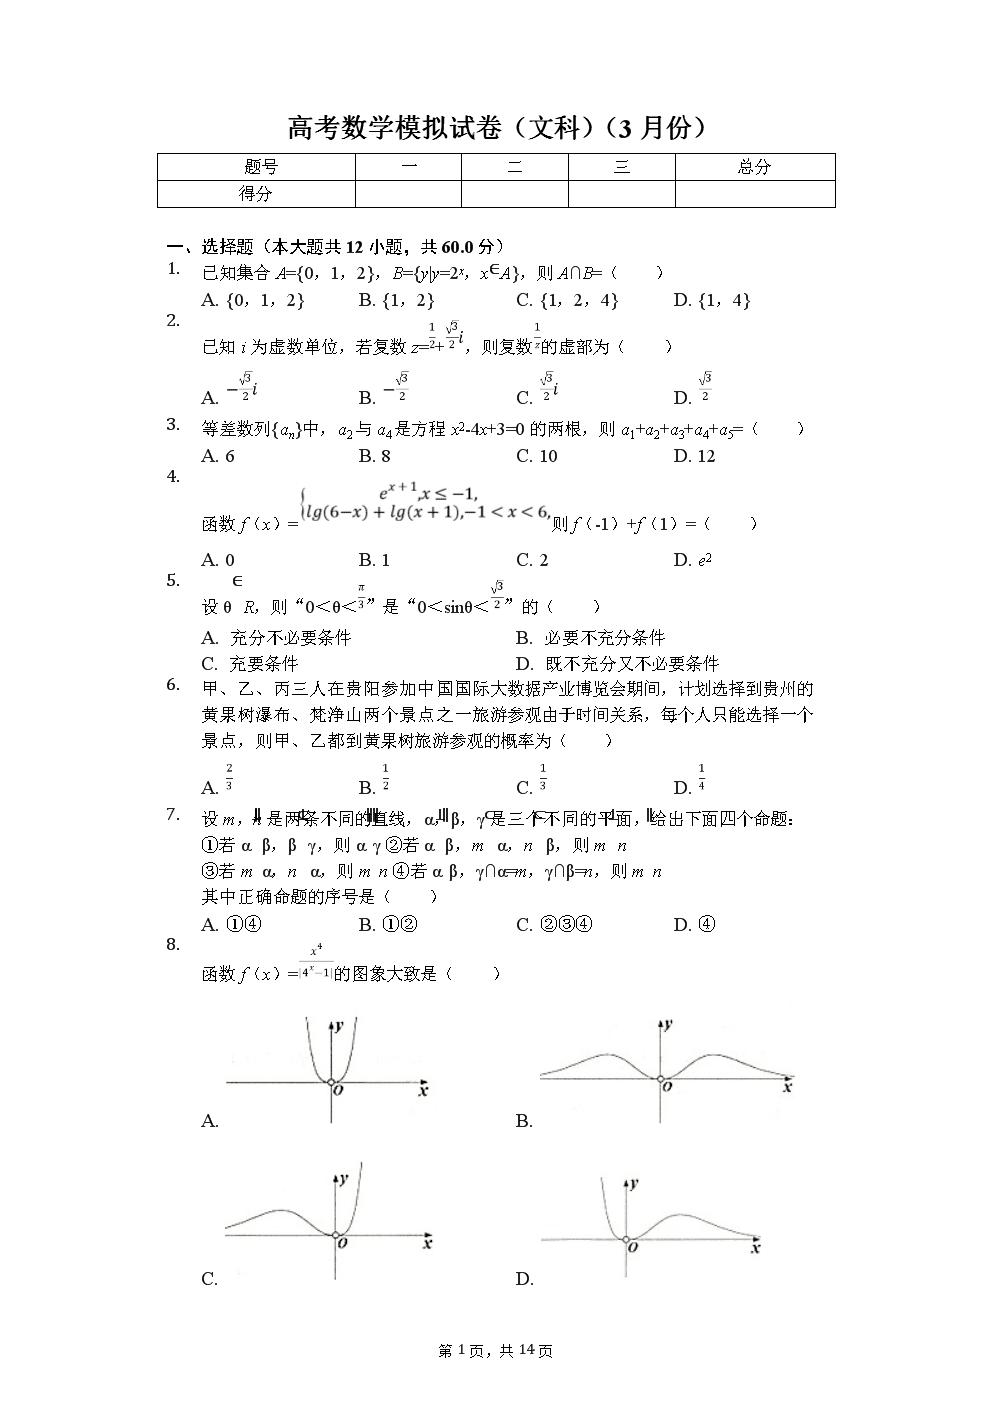 内存卡突然��.#yai_∵|af|=4,∴点a到准线l:x=-1的距离为4,∴1+xa=4,∴xa=3,∴ya=±